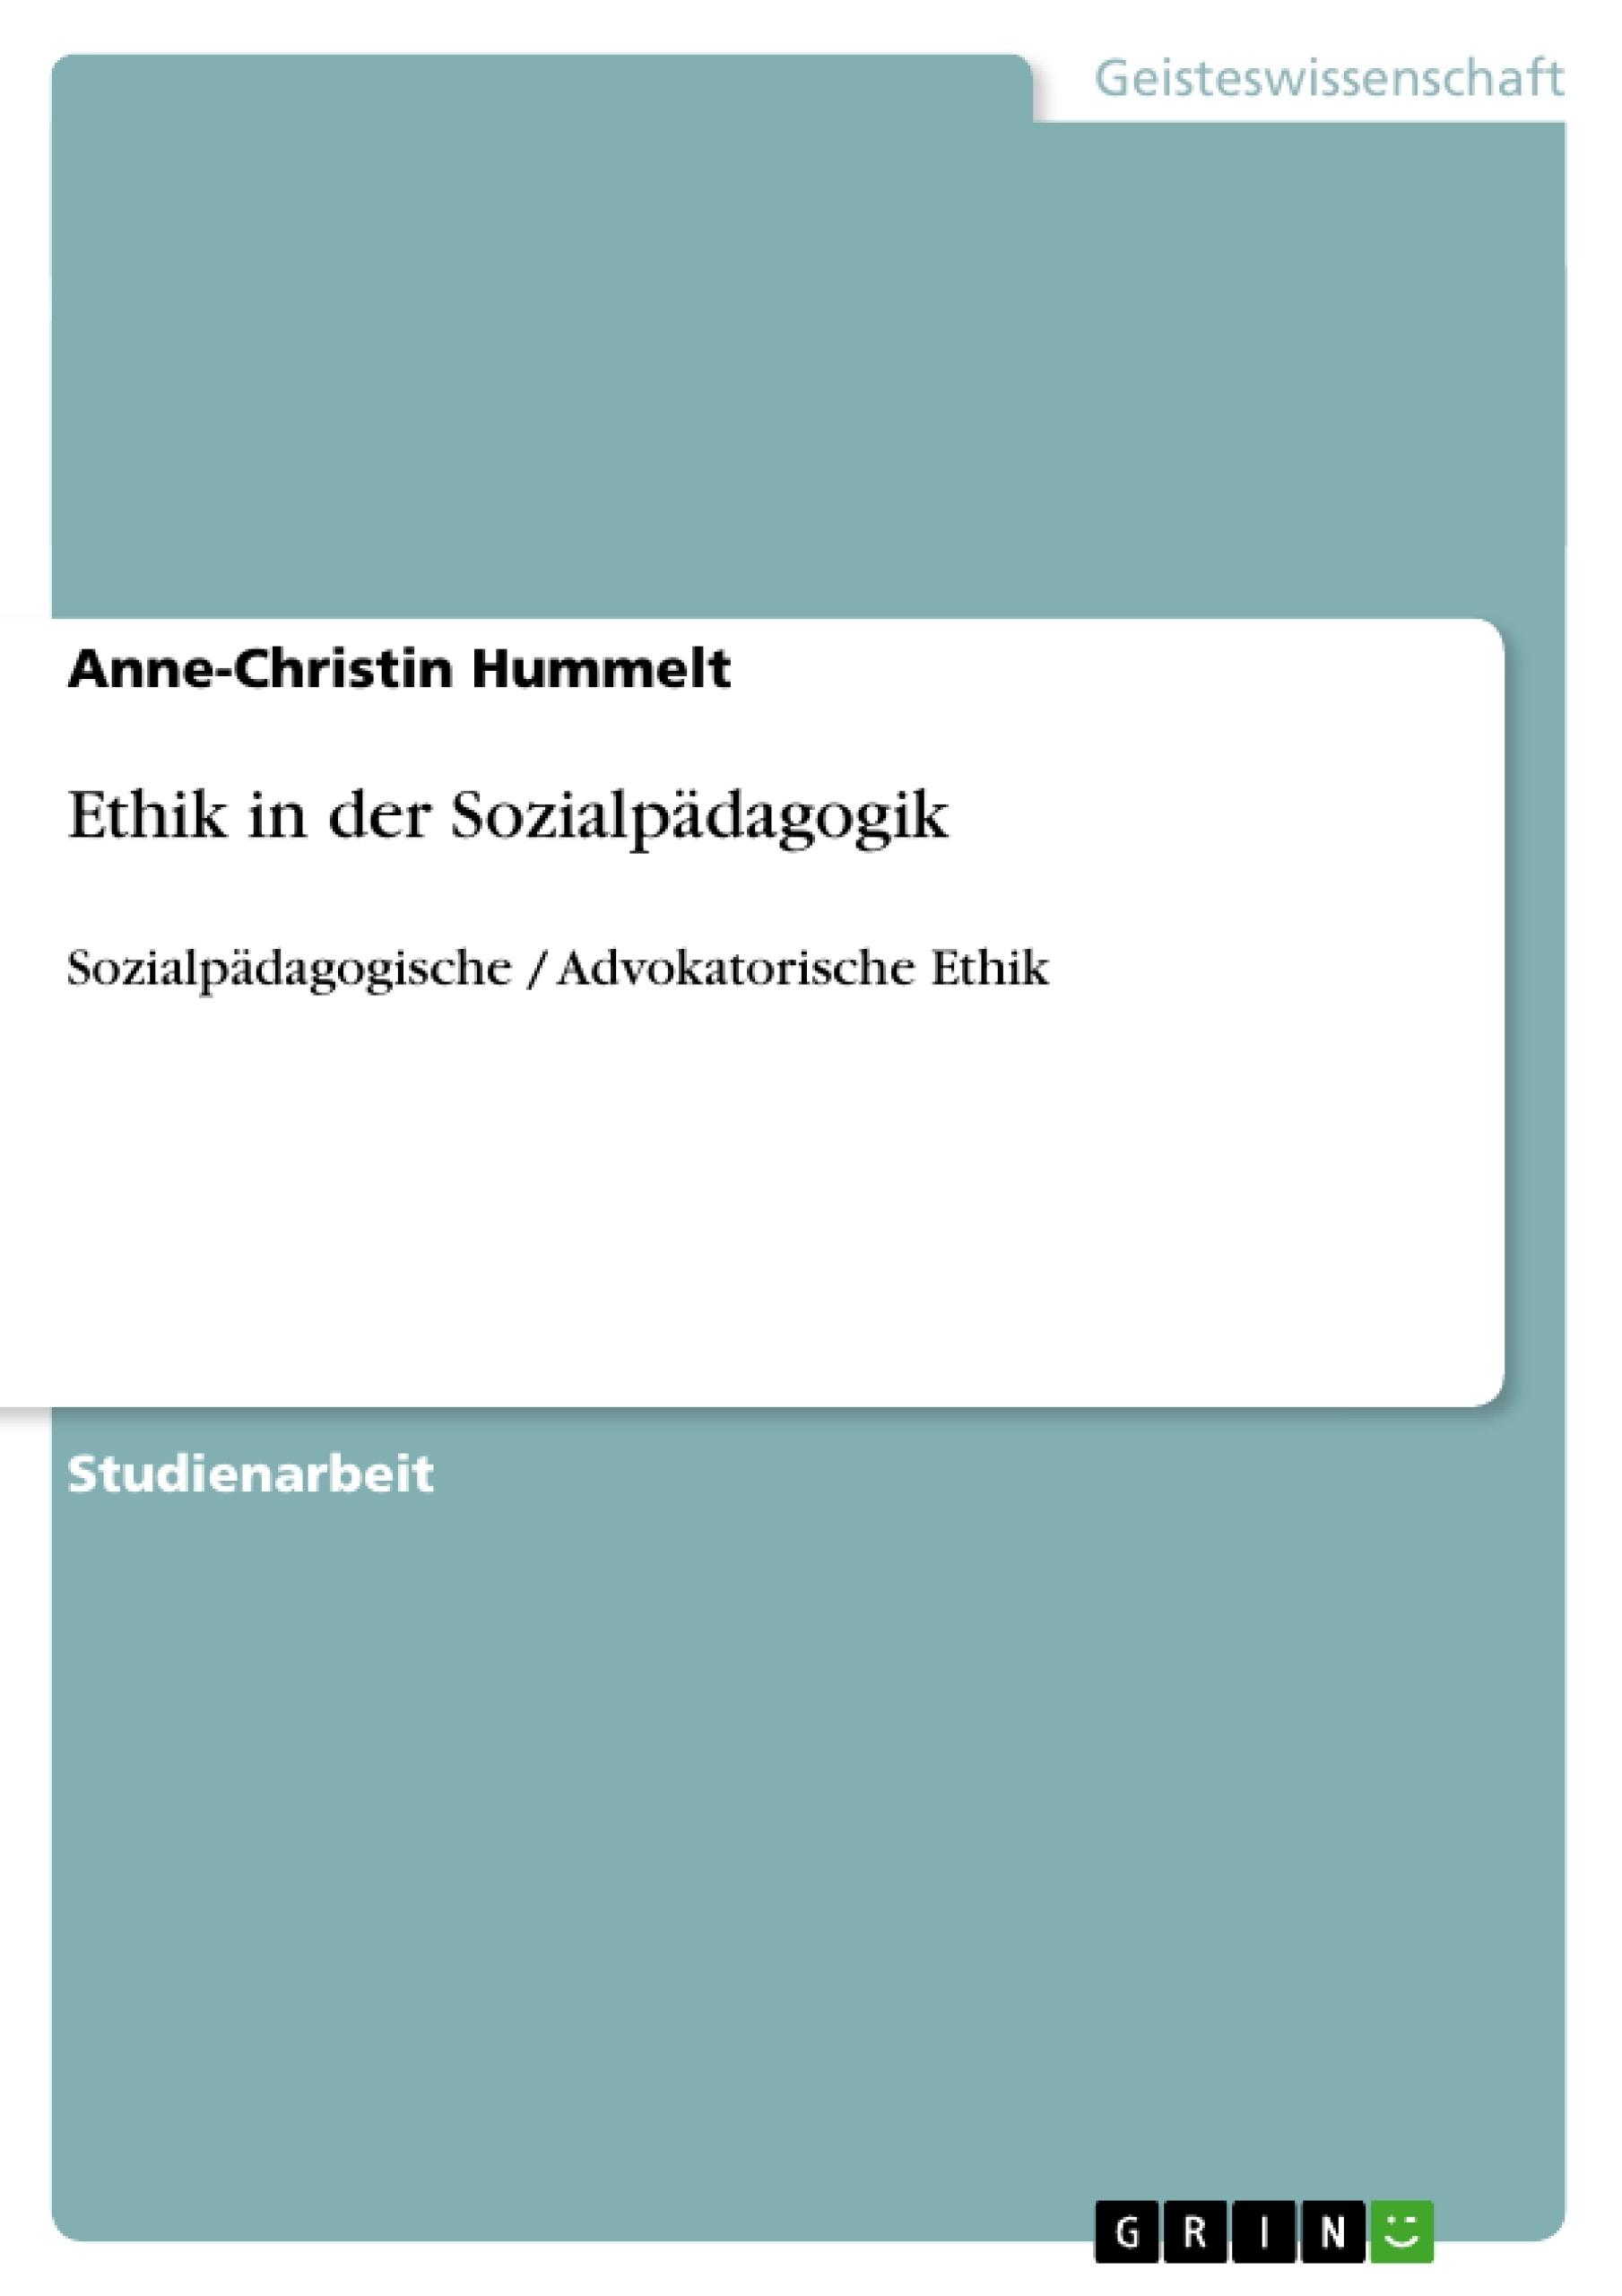 Titel: Ethik in der Sozialpädagogik